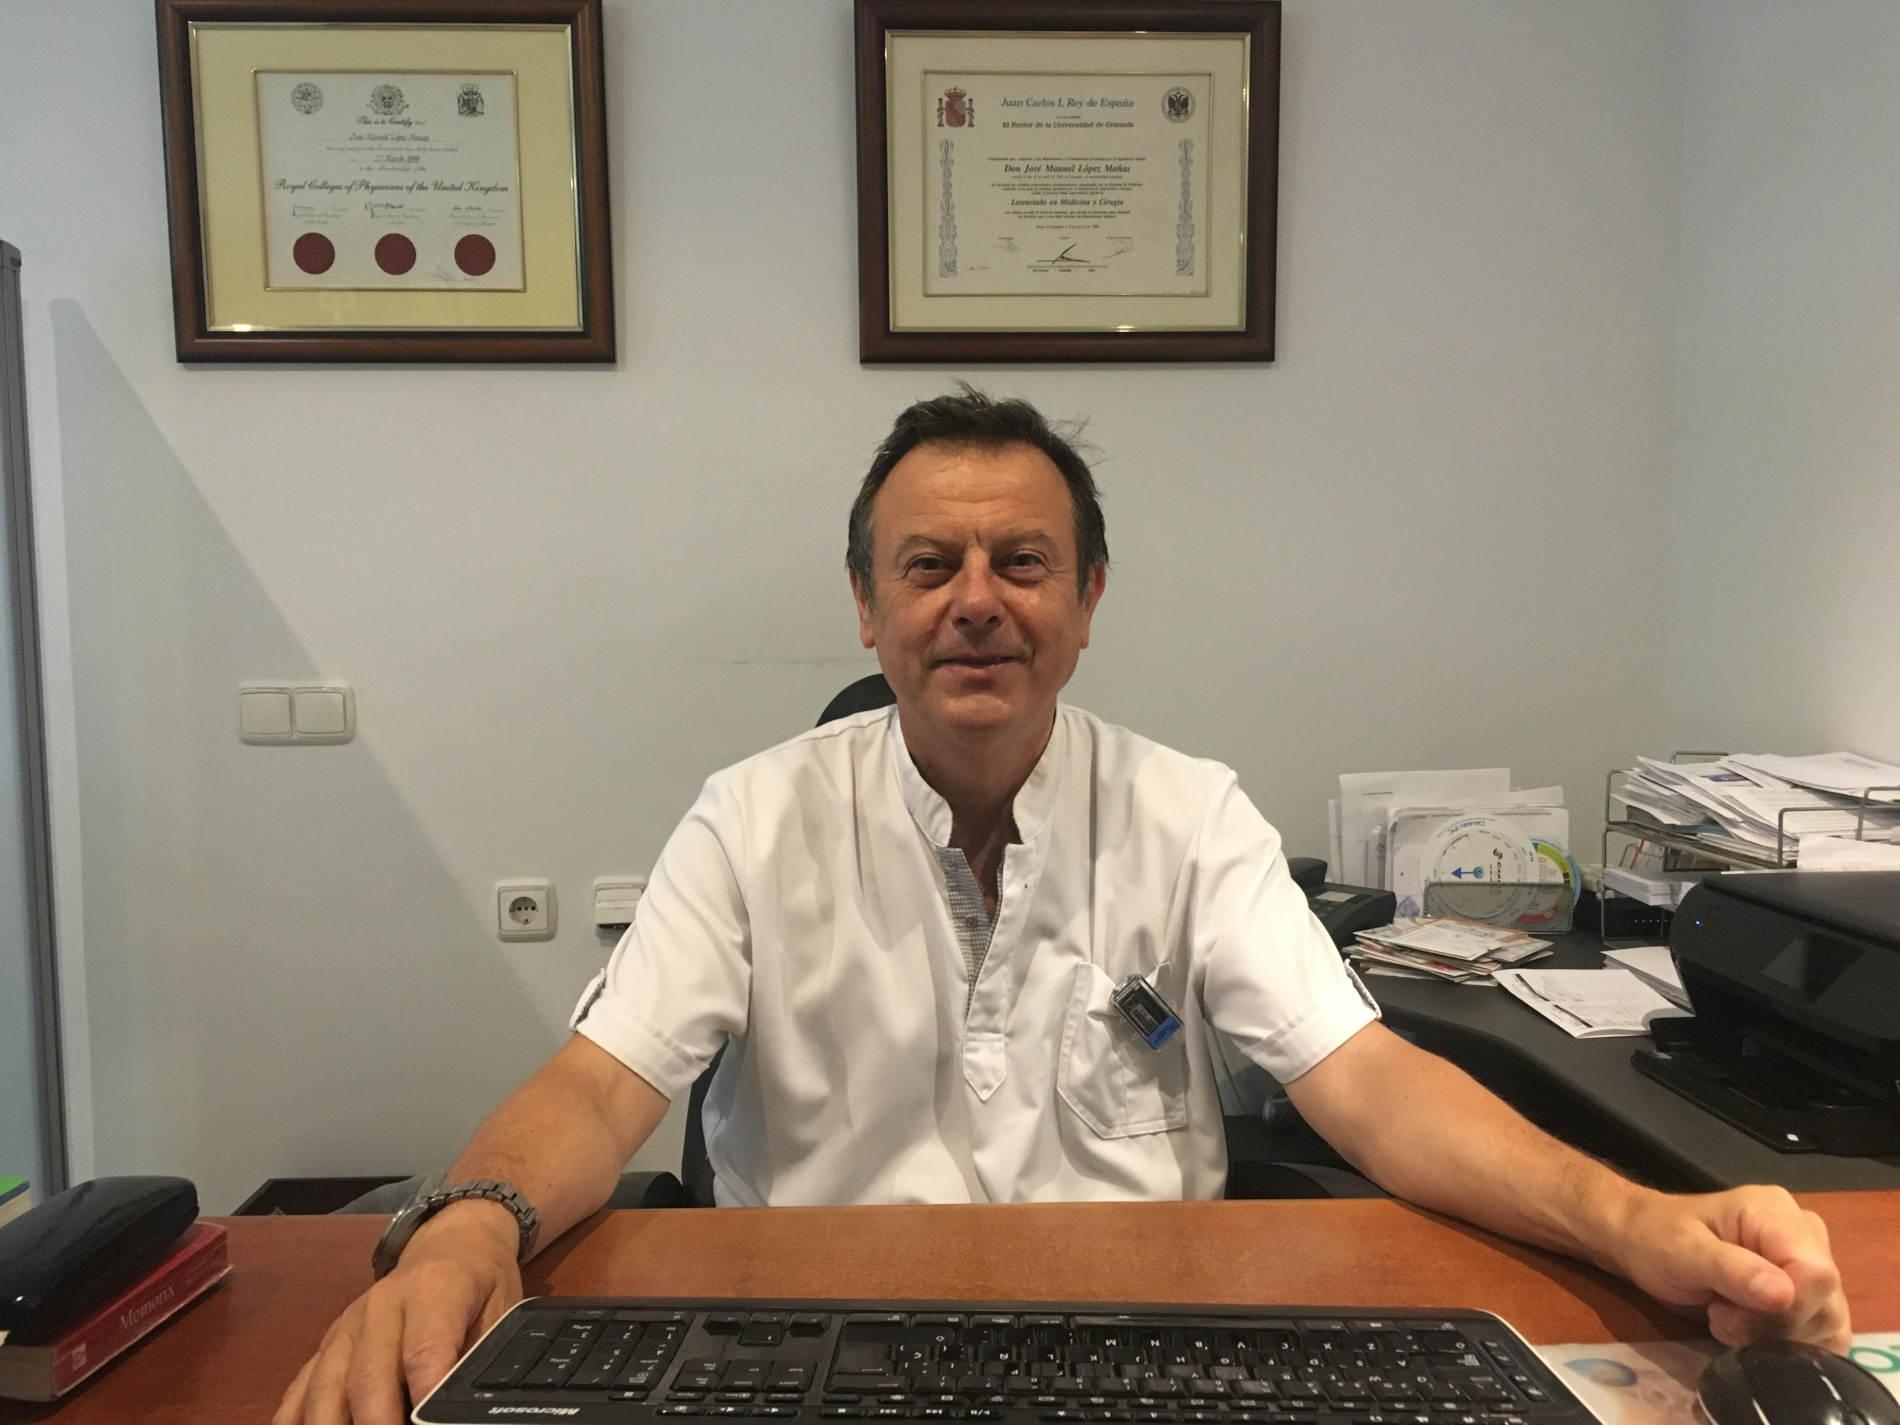 Dr. López Mañas